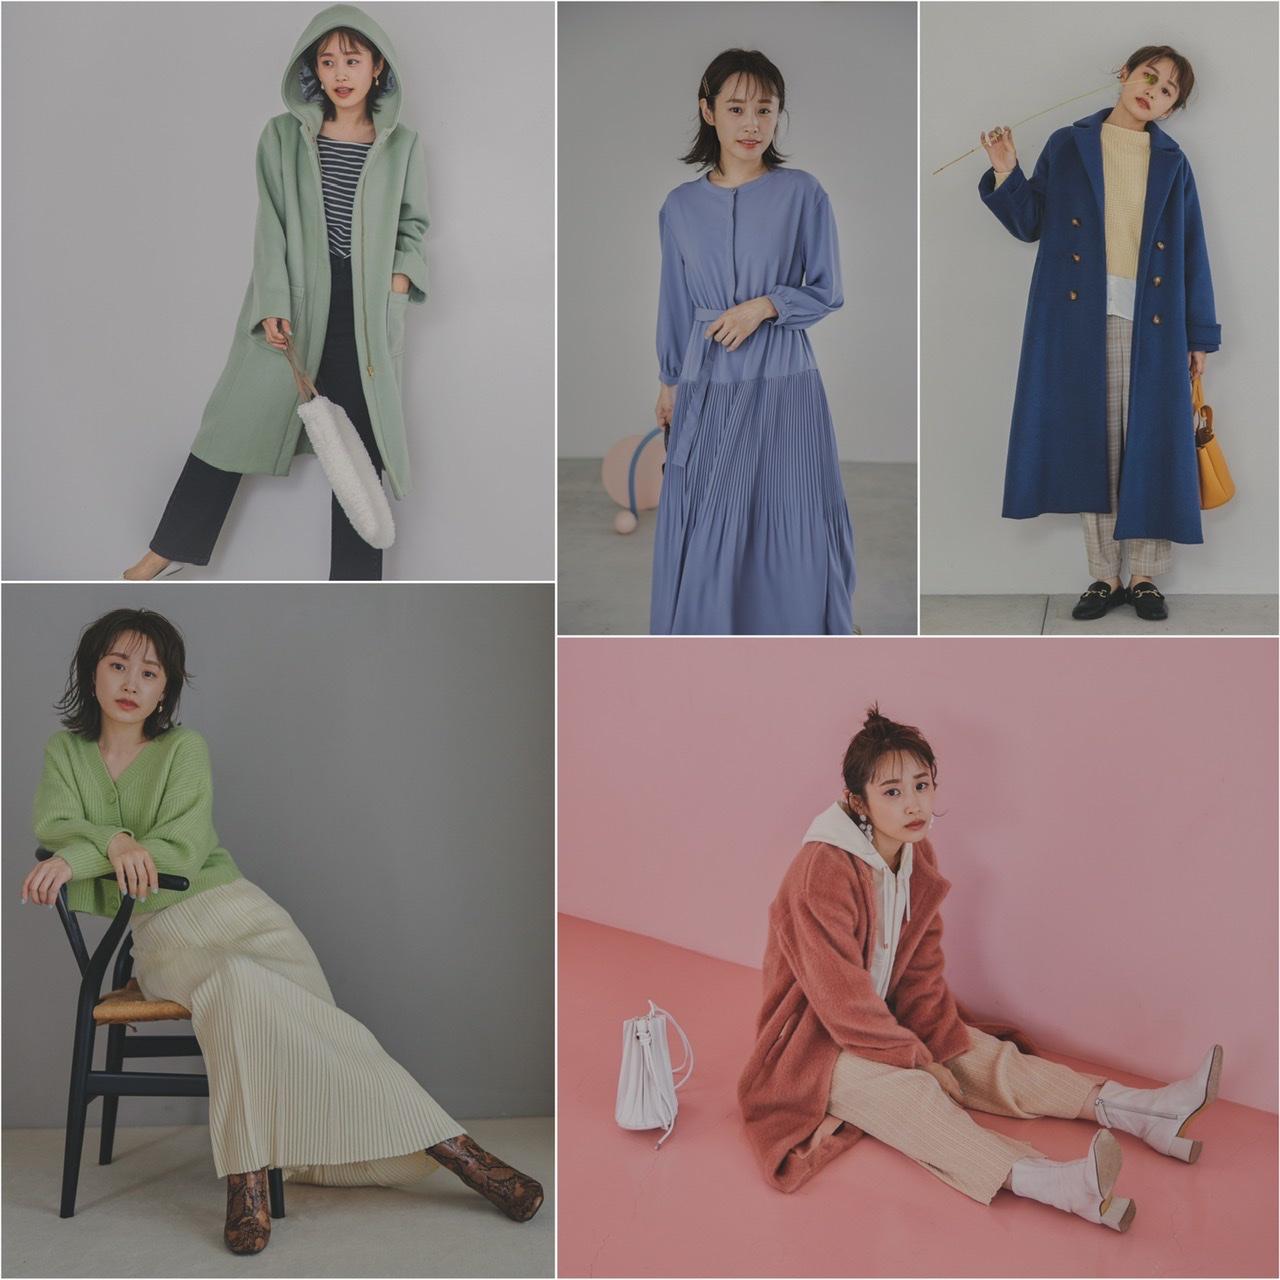 155cm以下のSサイズ女子向けブランド『COHINA』が、高橋愛さんを起用した2020年冬ルック公開! プレオーダーもスタート☆_2